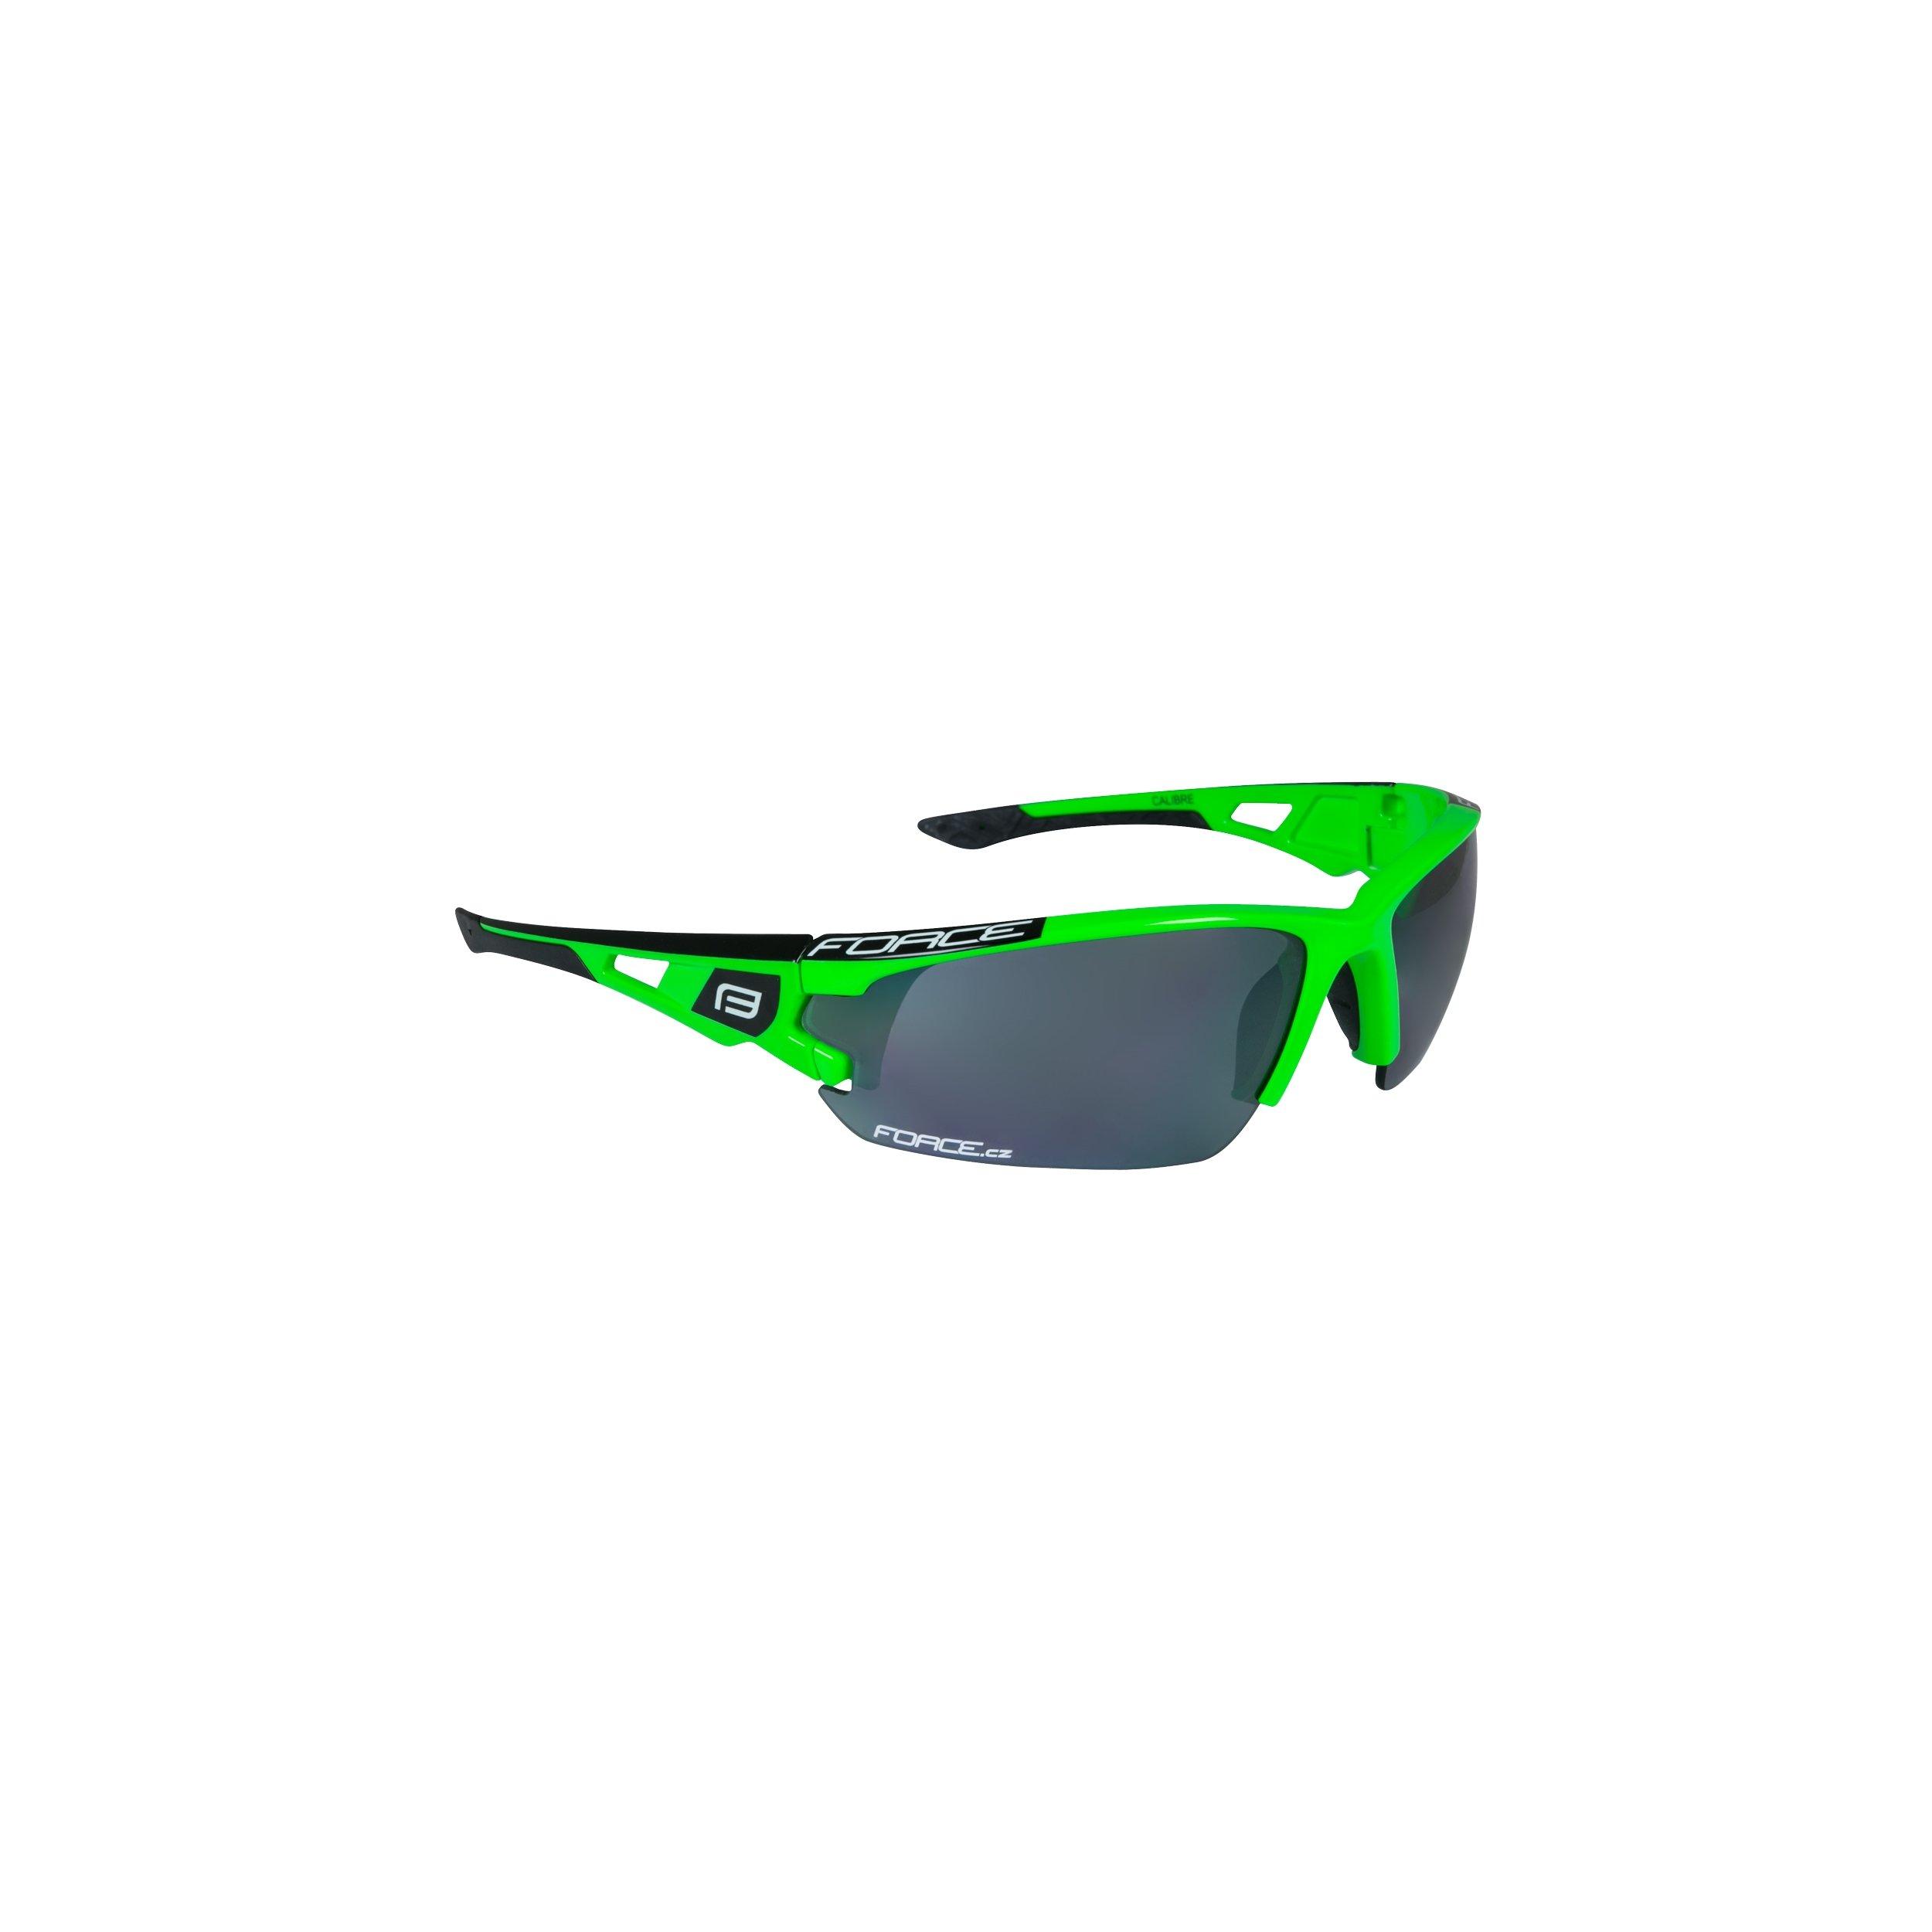 Force Calibre Fluogrøn Brille med 3 sæt linser   Glasses